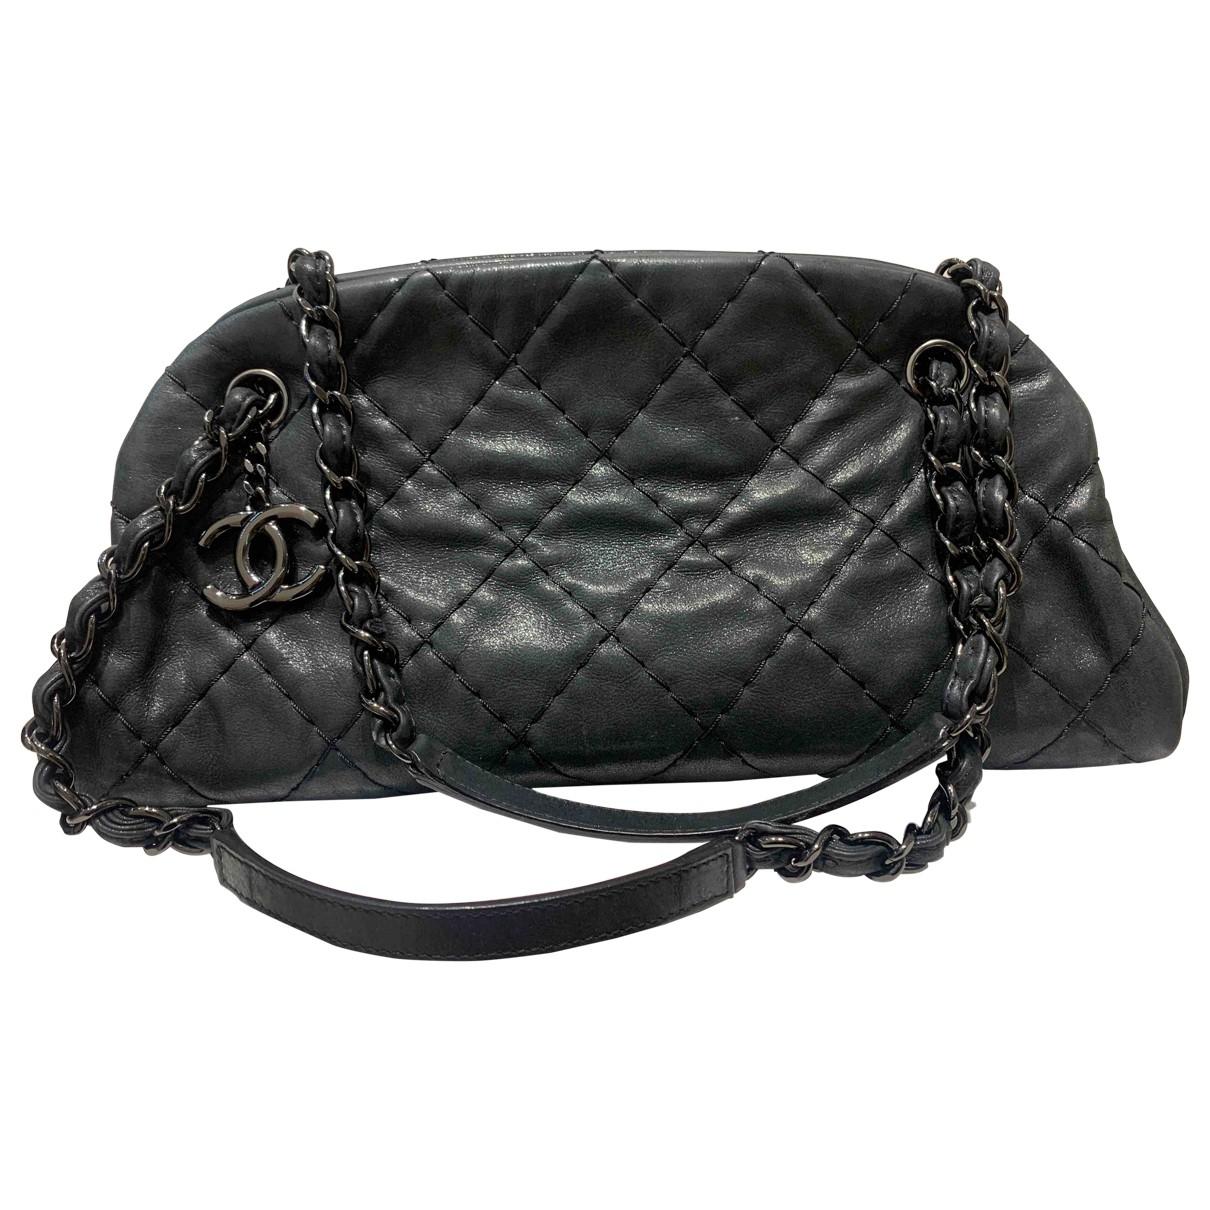 Chanel Mademoiselle Black Leather handbag for Women \N